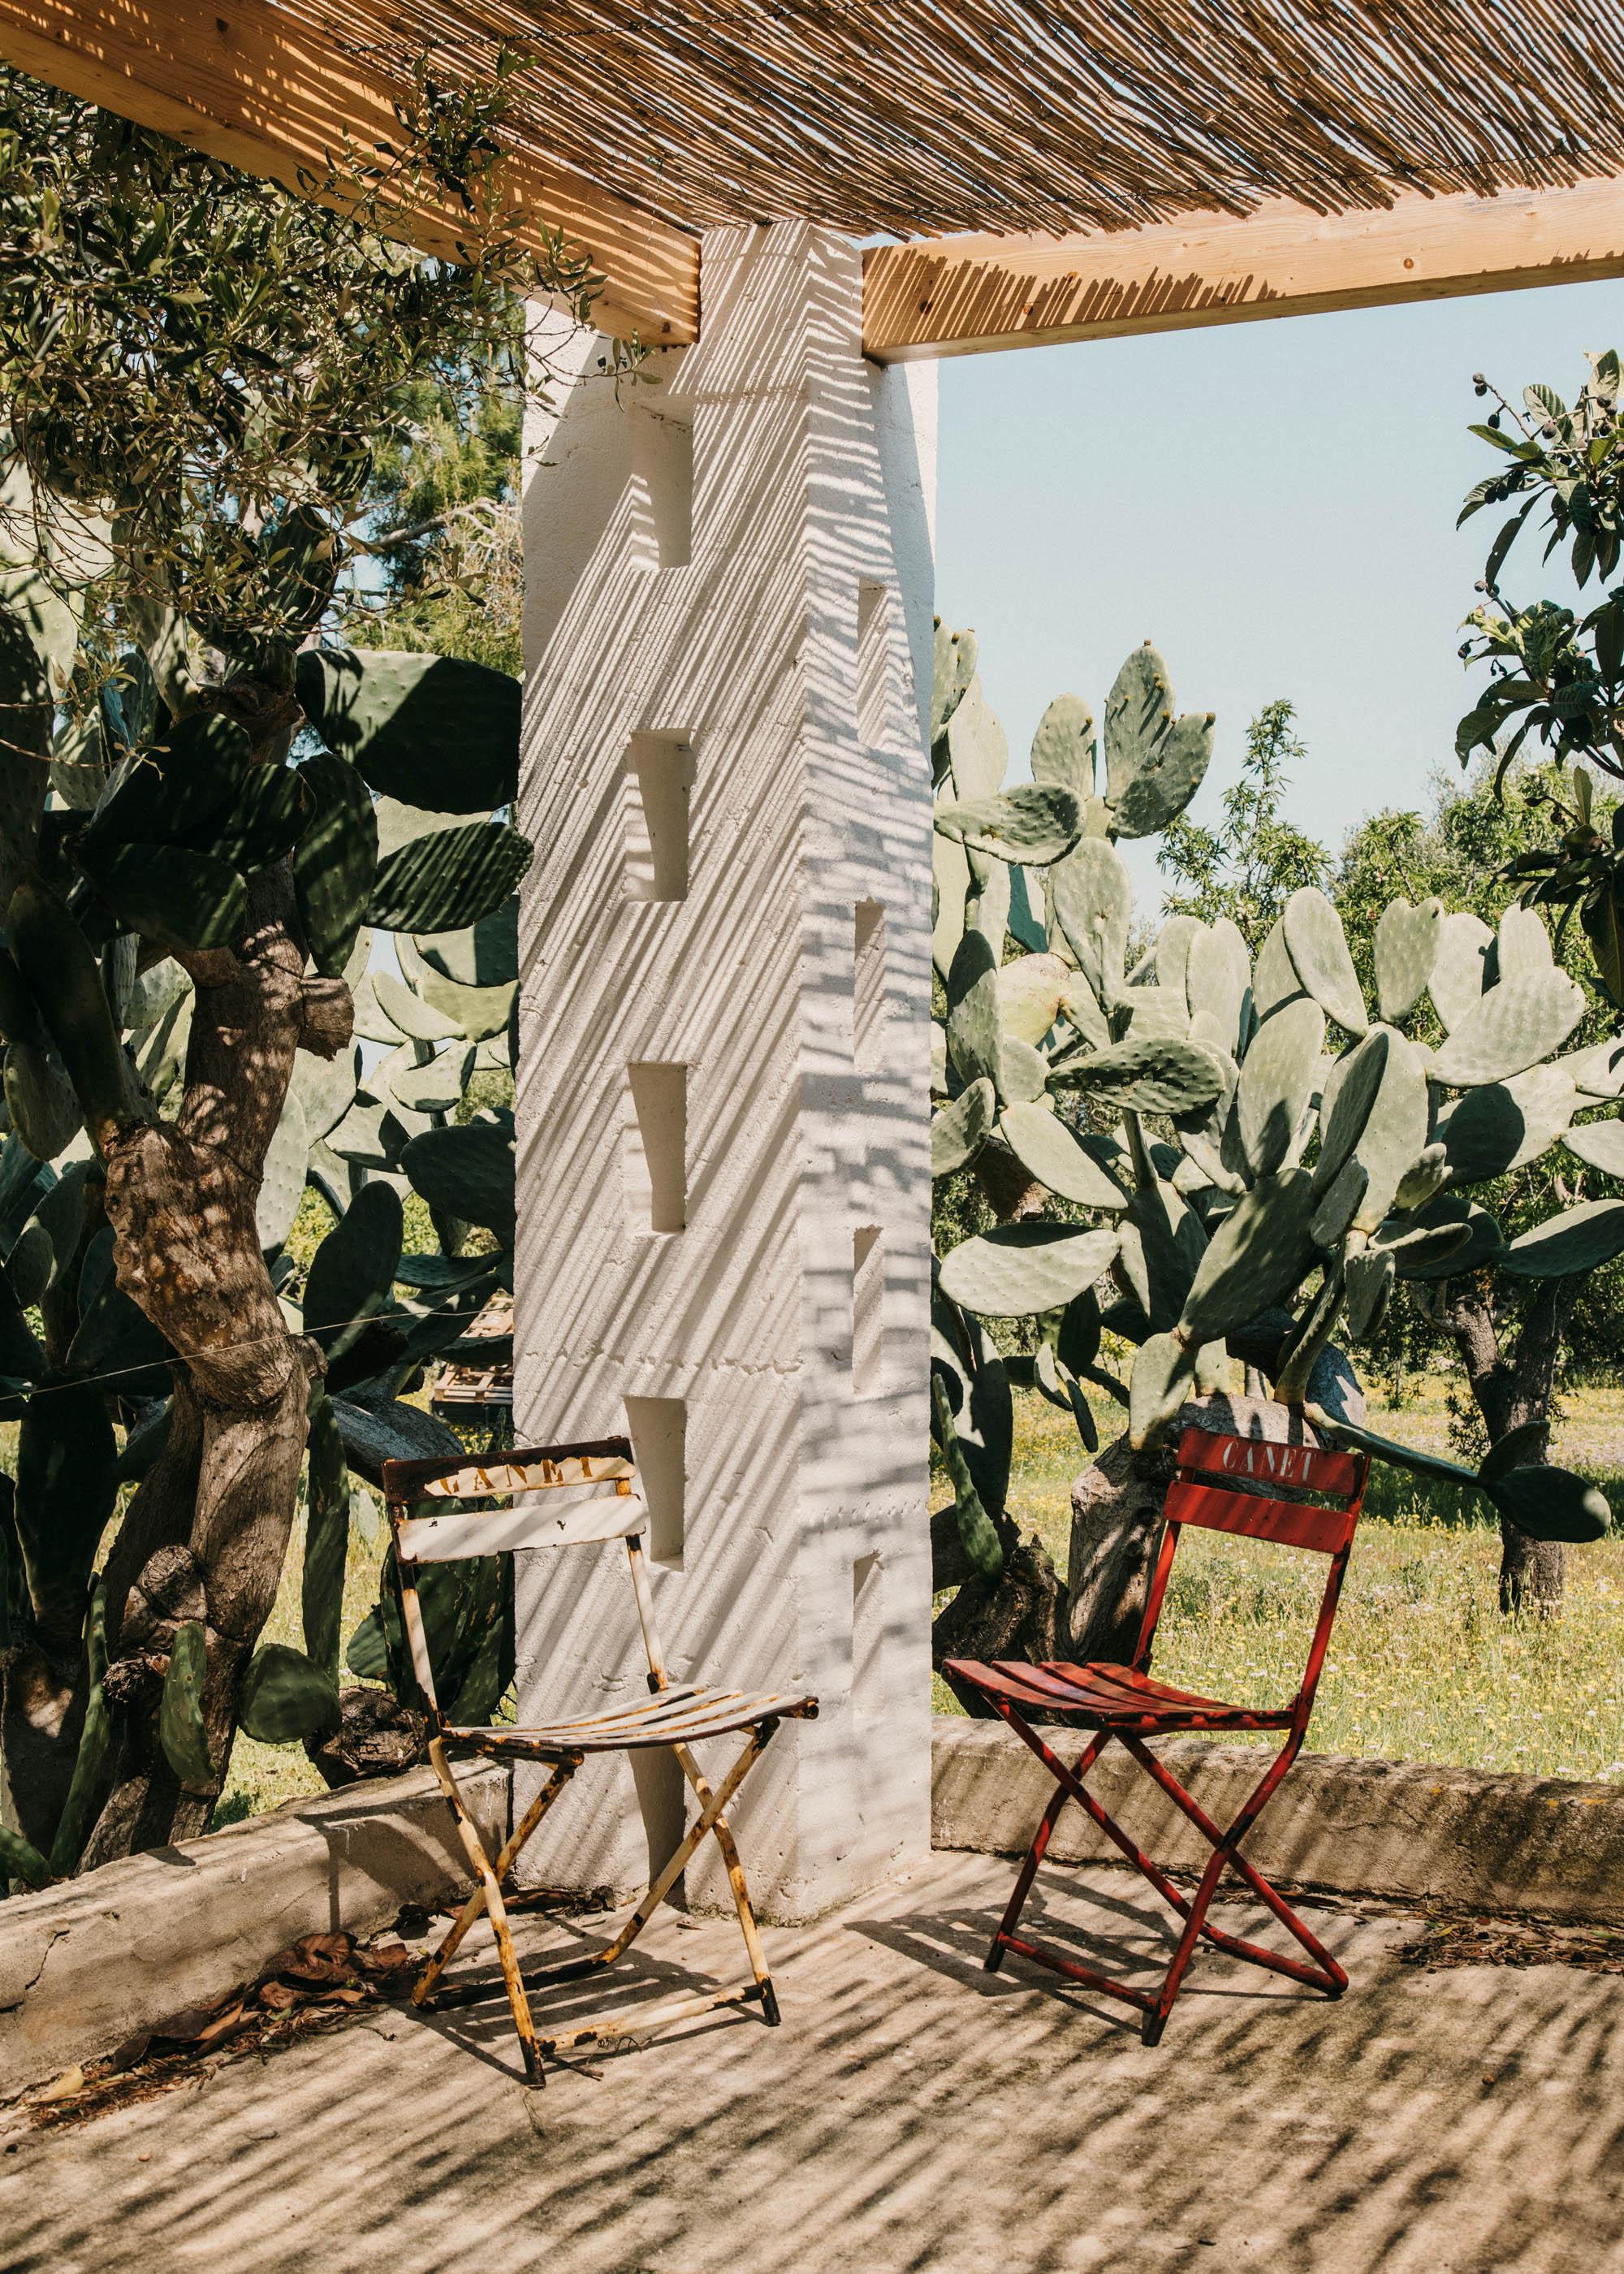 #italy #puglia #masseria #morosseta #hotels #openhouse #garden